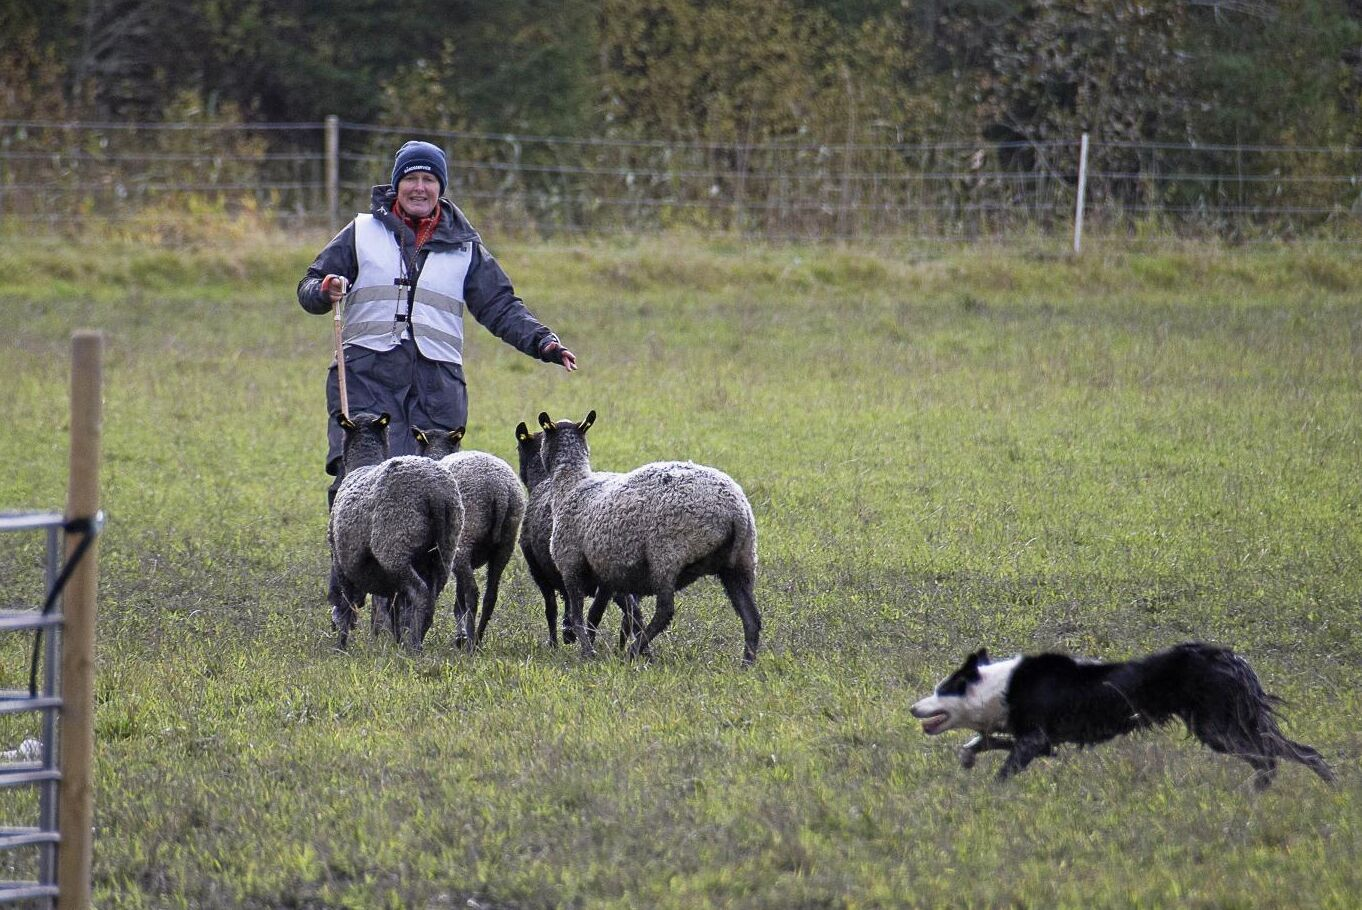 En av alla duktiga hundar var Zeven, som tillsammans med föraren Mariette Östberg slutade på en fjärdeplats. Här ska två får skiljas ut från flocken.